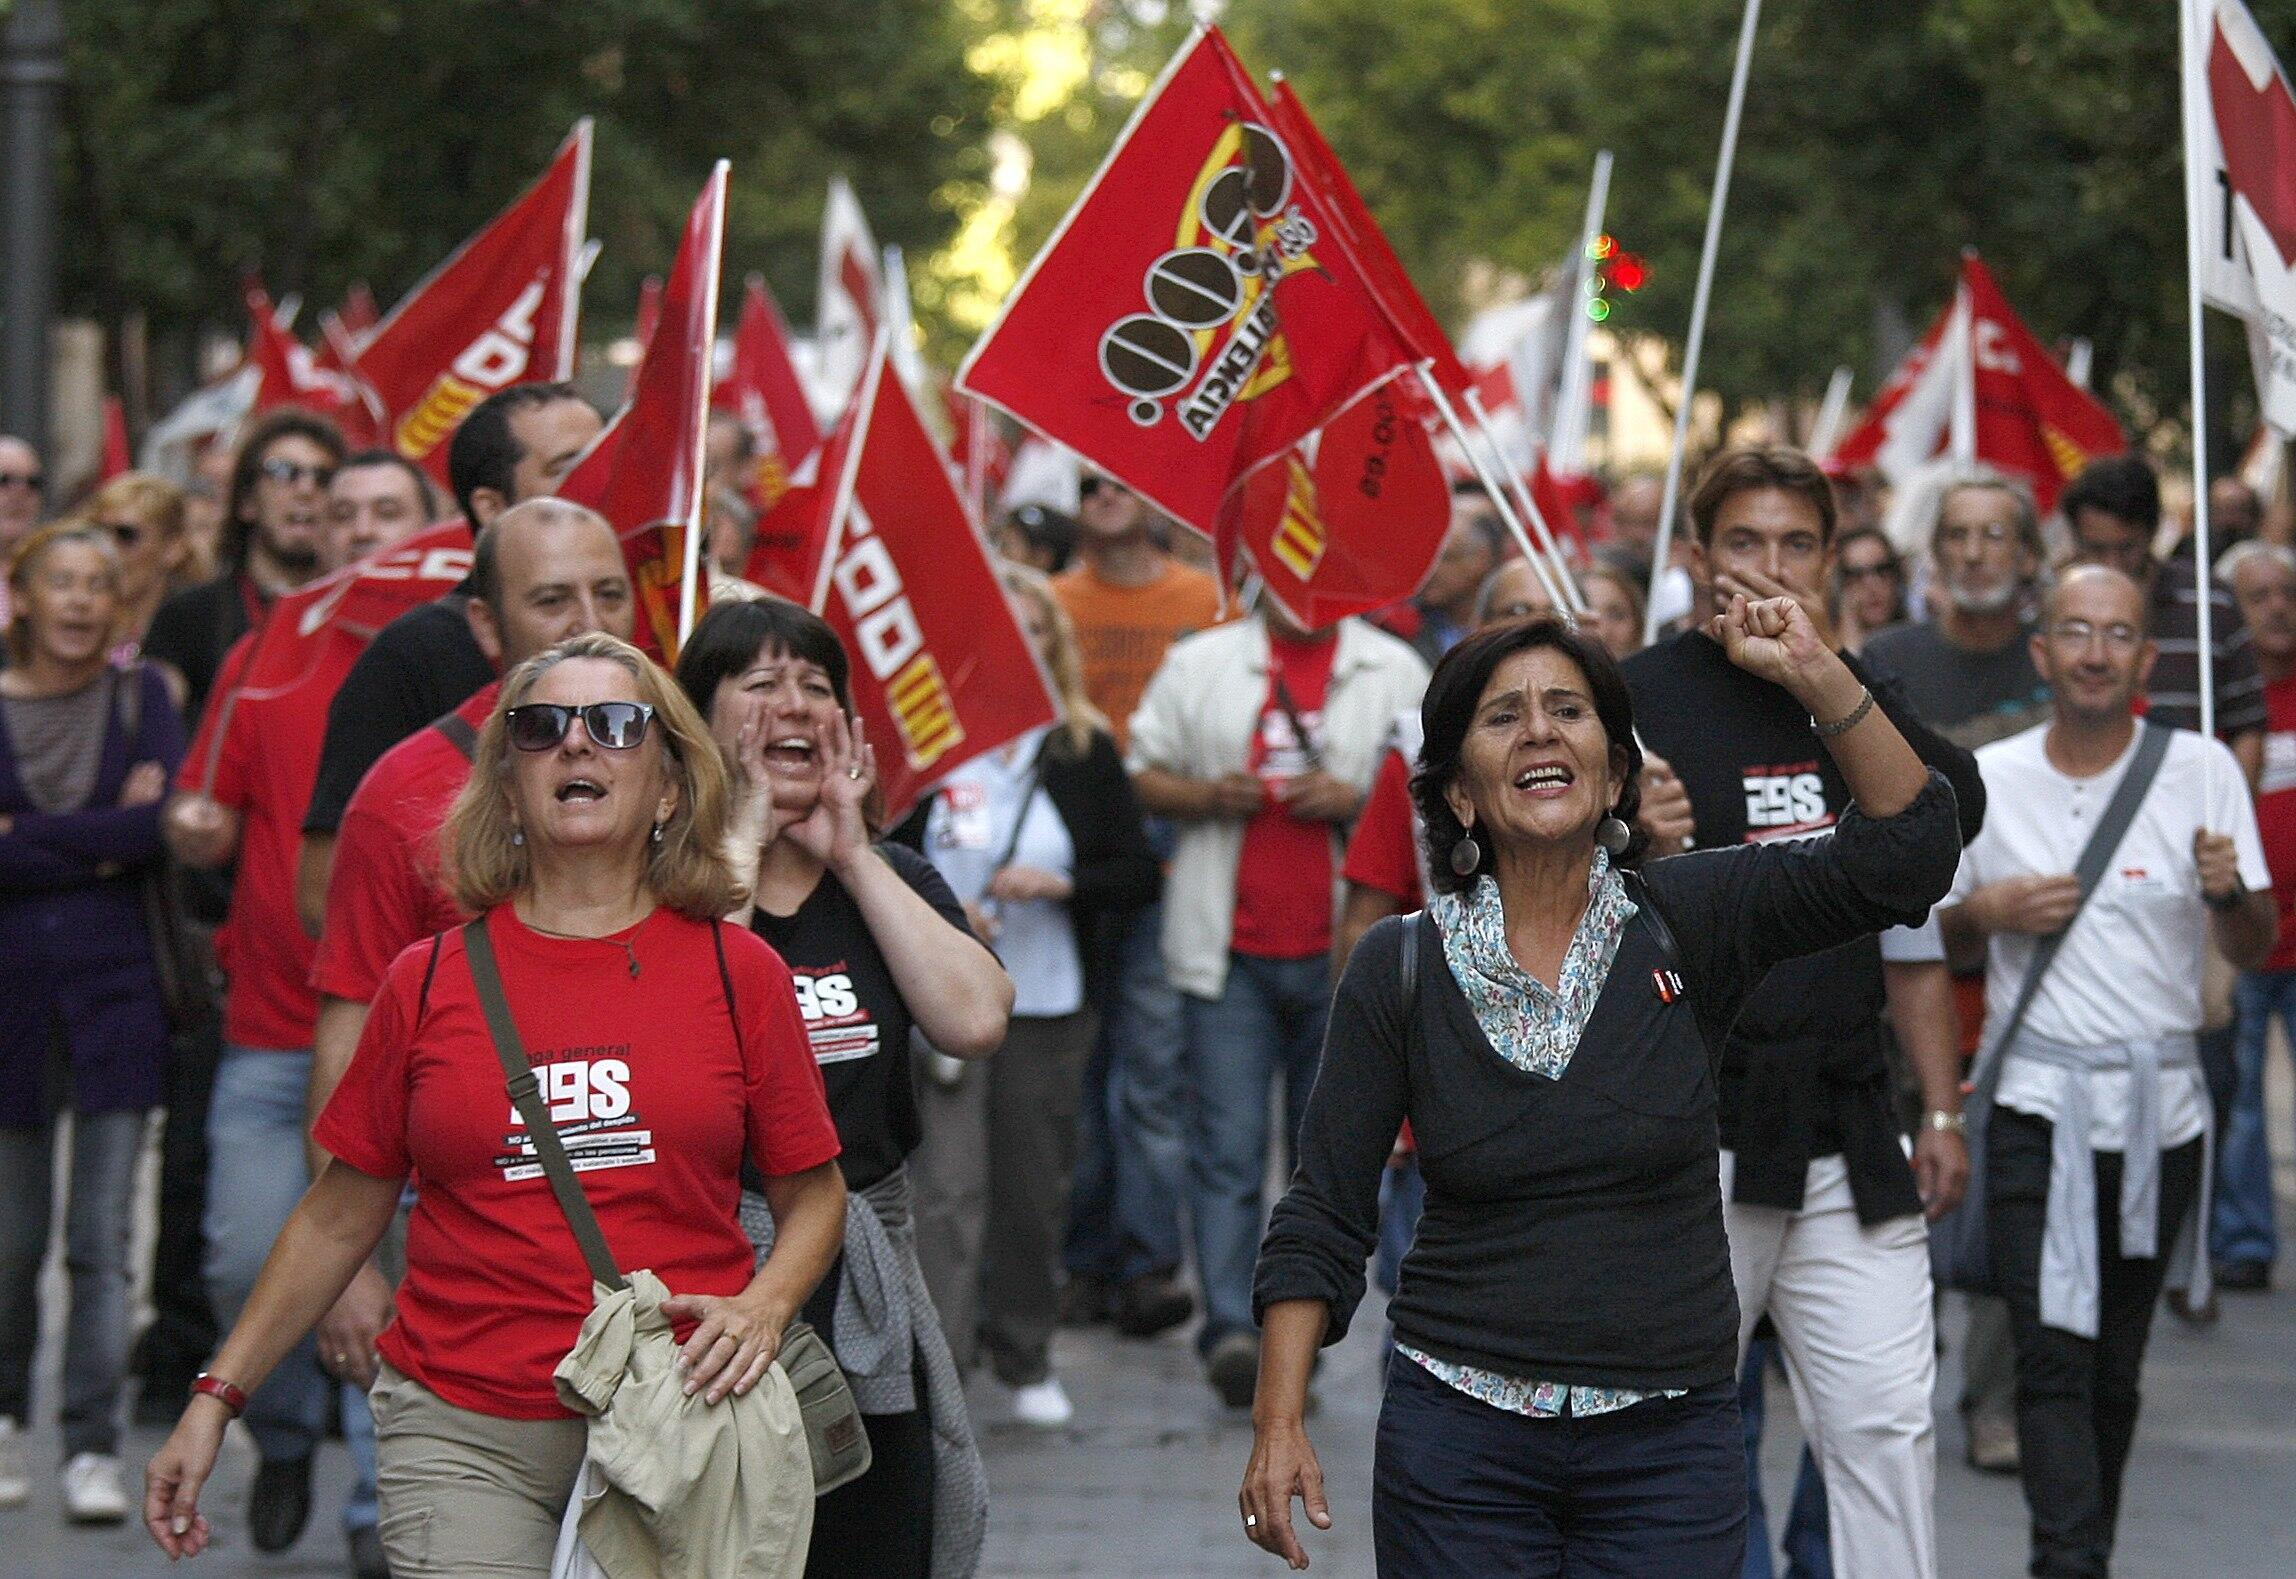 Biểu tình tại Valencia, Tây Ban Nha , phản đối kế hoạch khắc khổ, ngày 29/09/2010